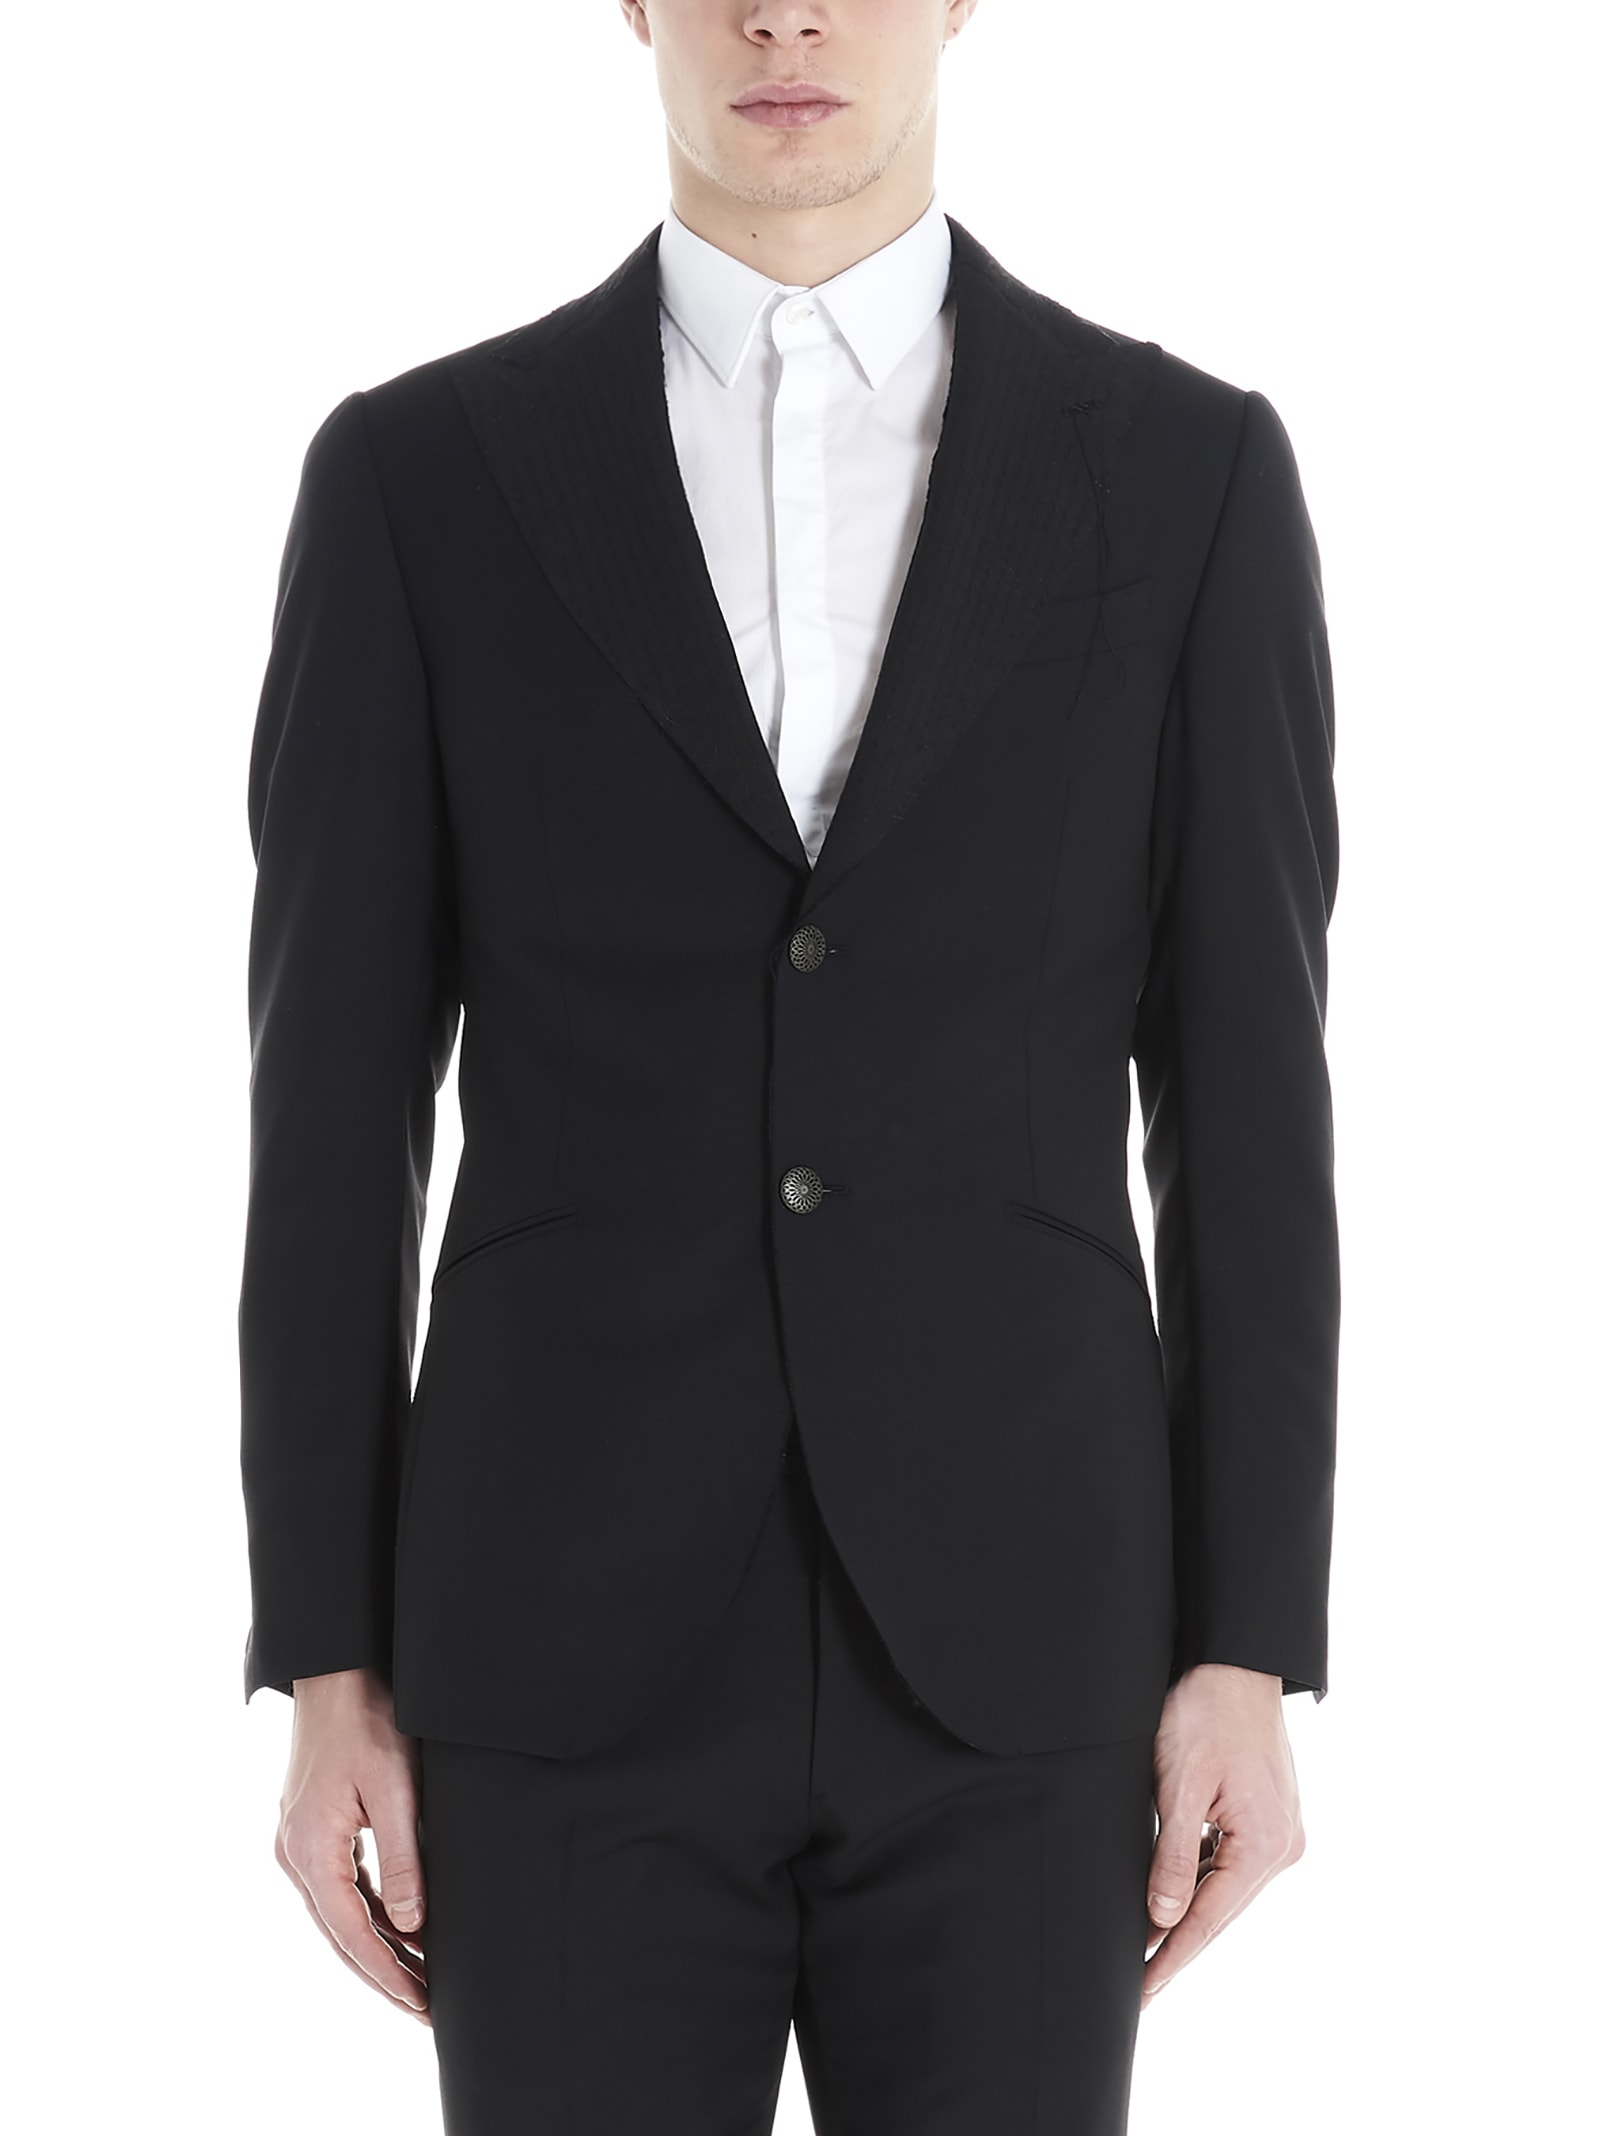 keanux Suits